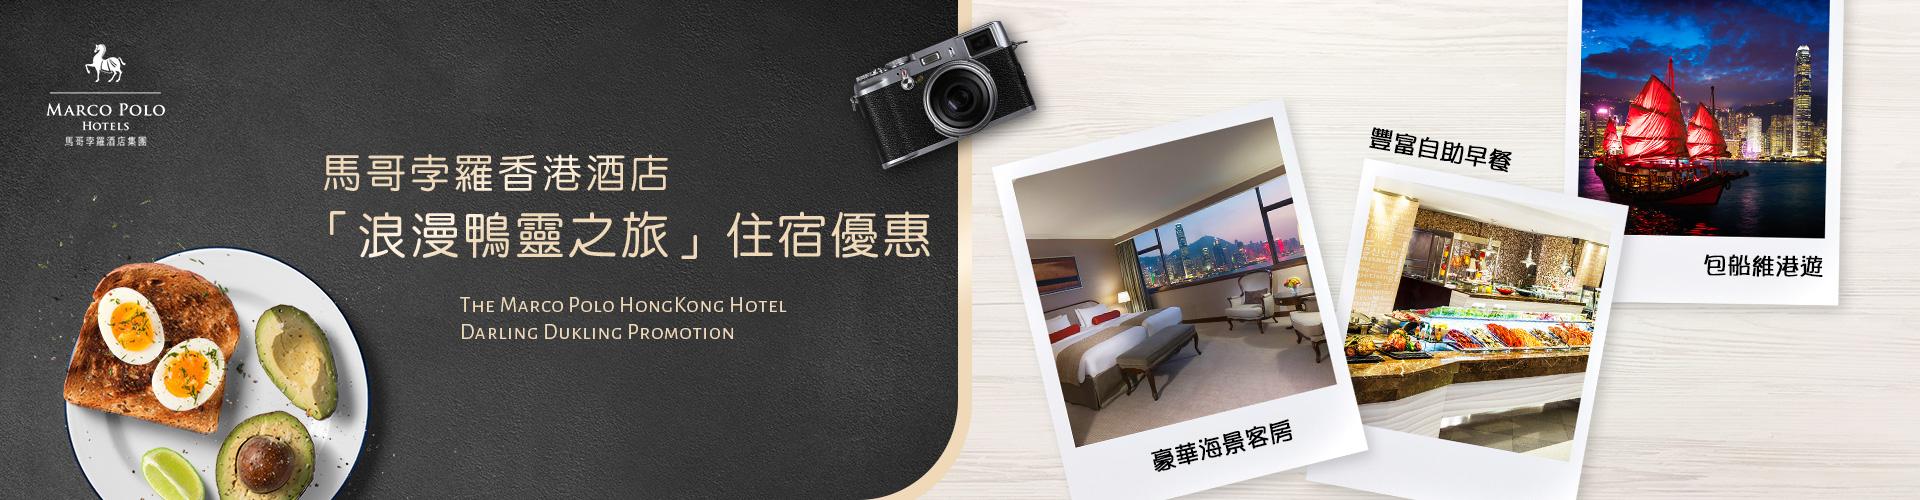 馬哥孛羅香港酒店「浪漫鴨靈之旅」住宿計劃